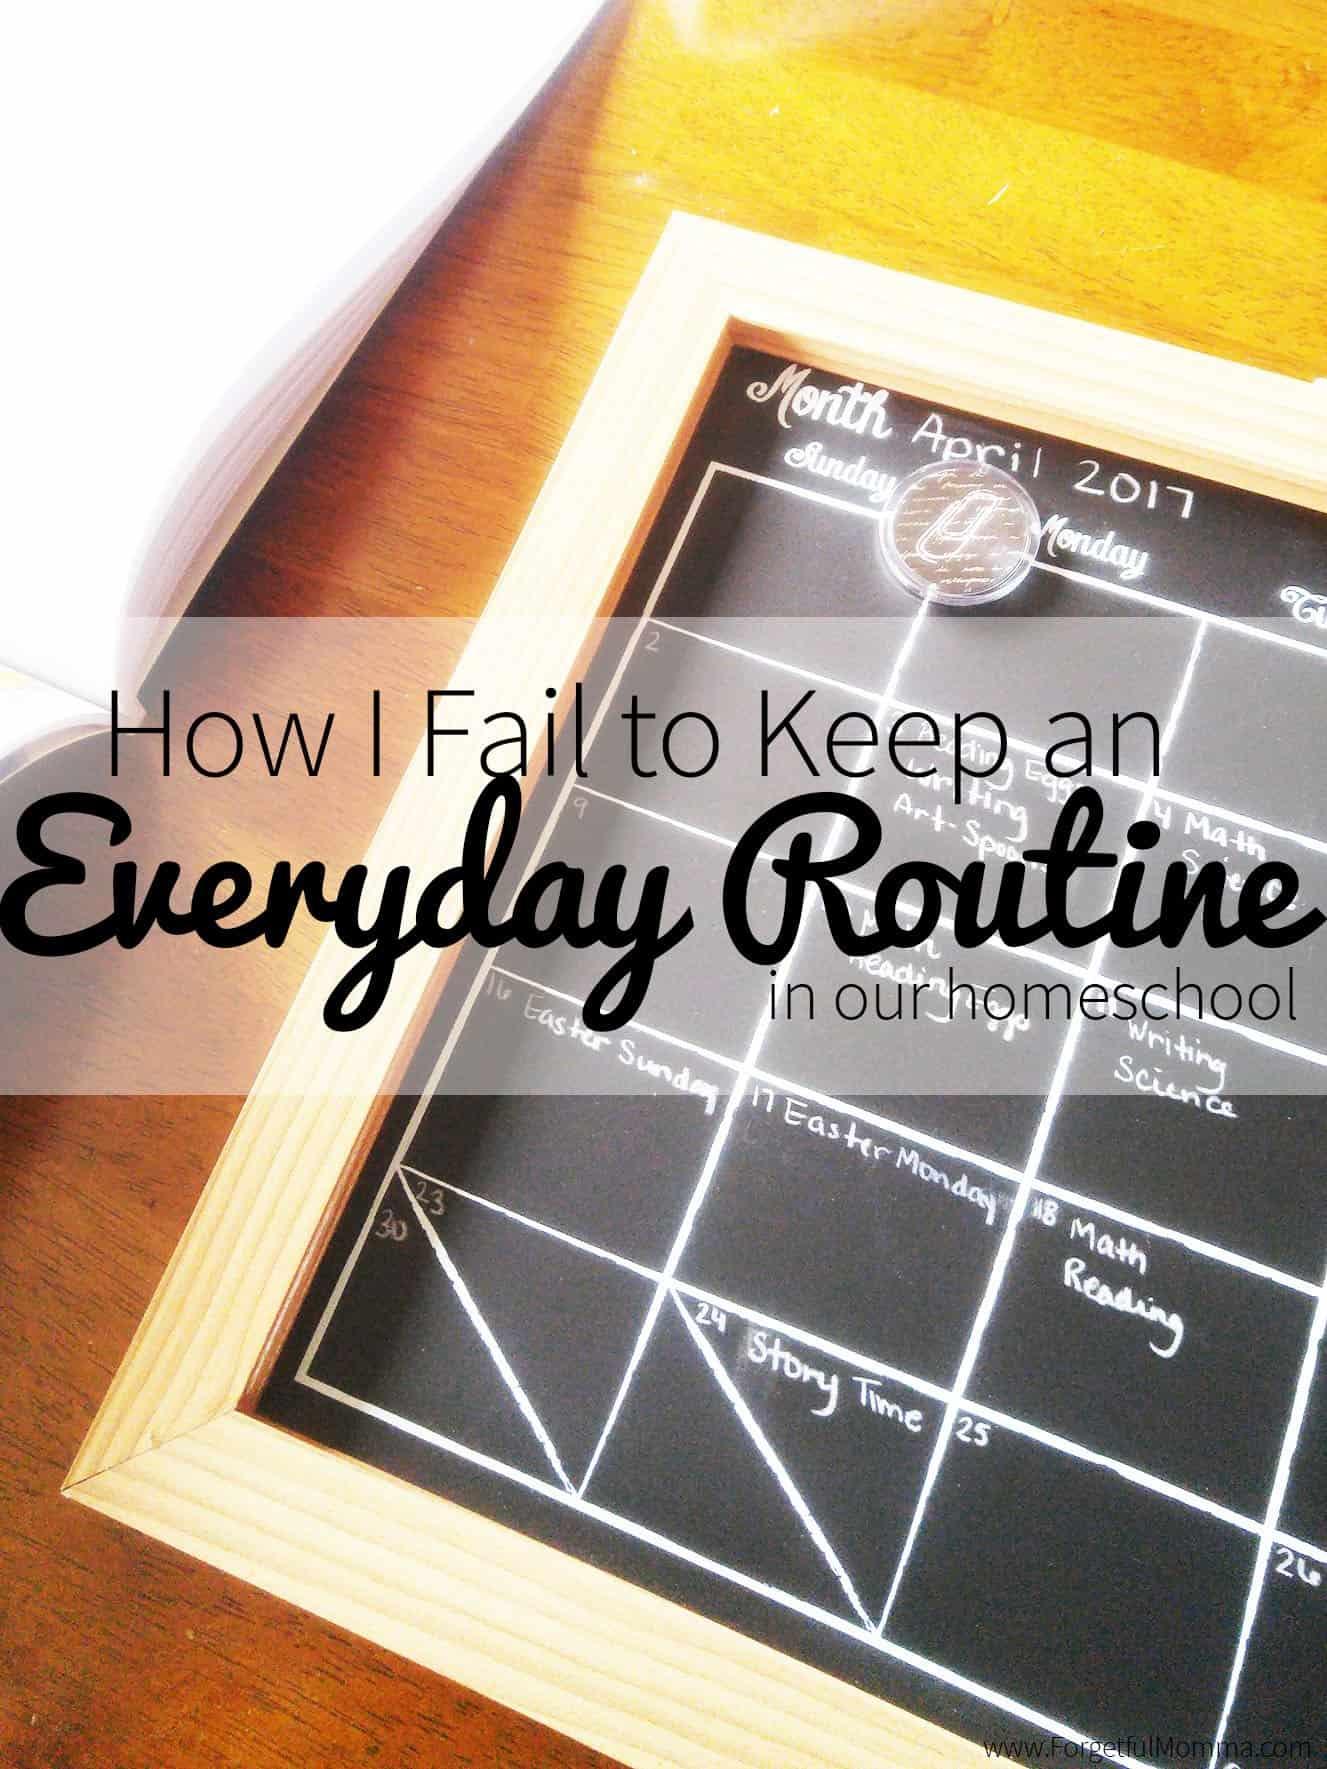 How I Fail to Keep an EverydayRoutine